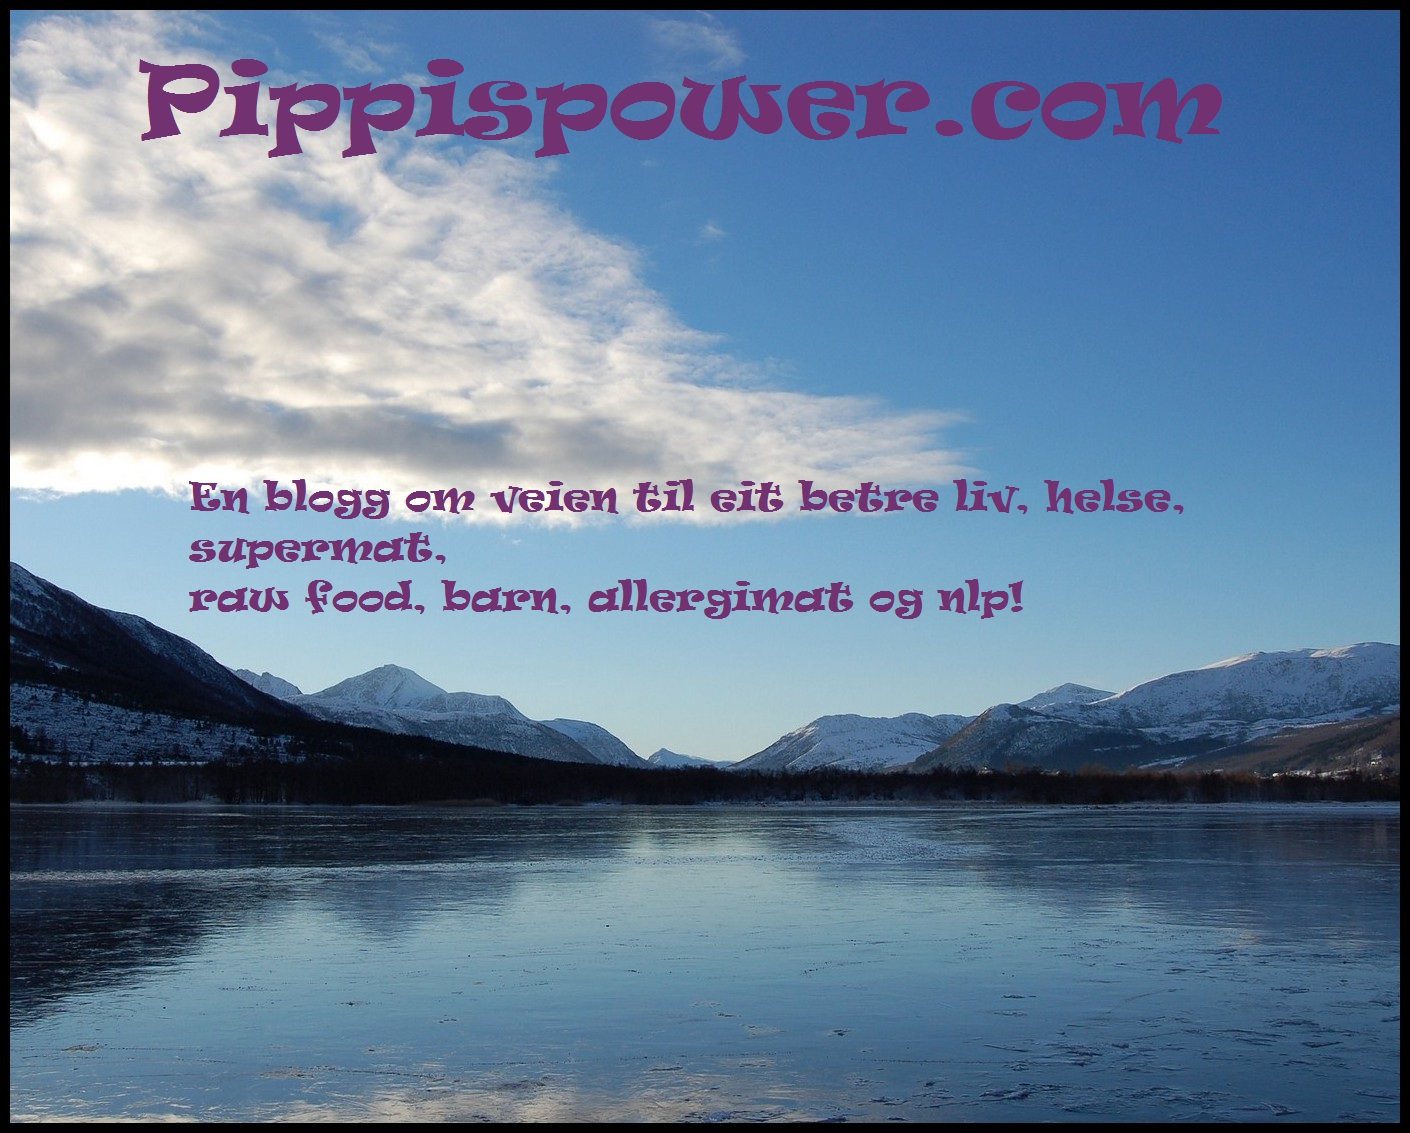 Pippispower.com